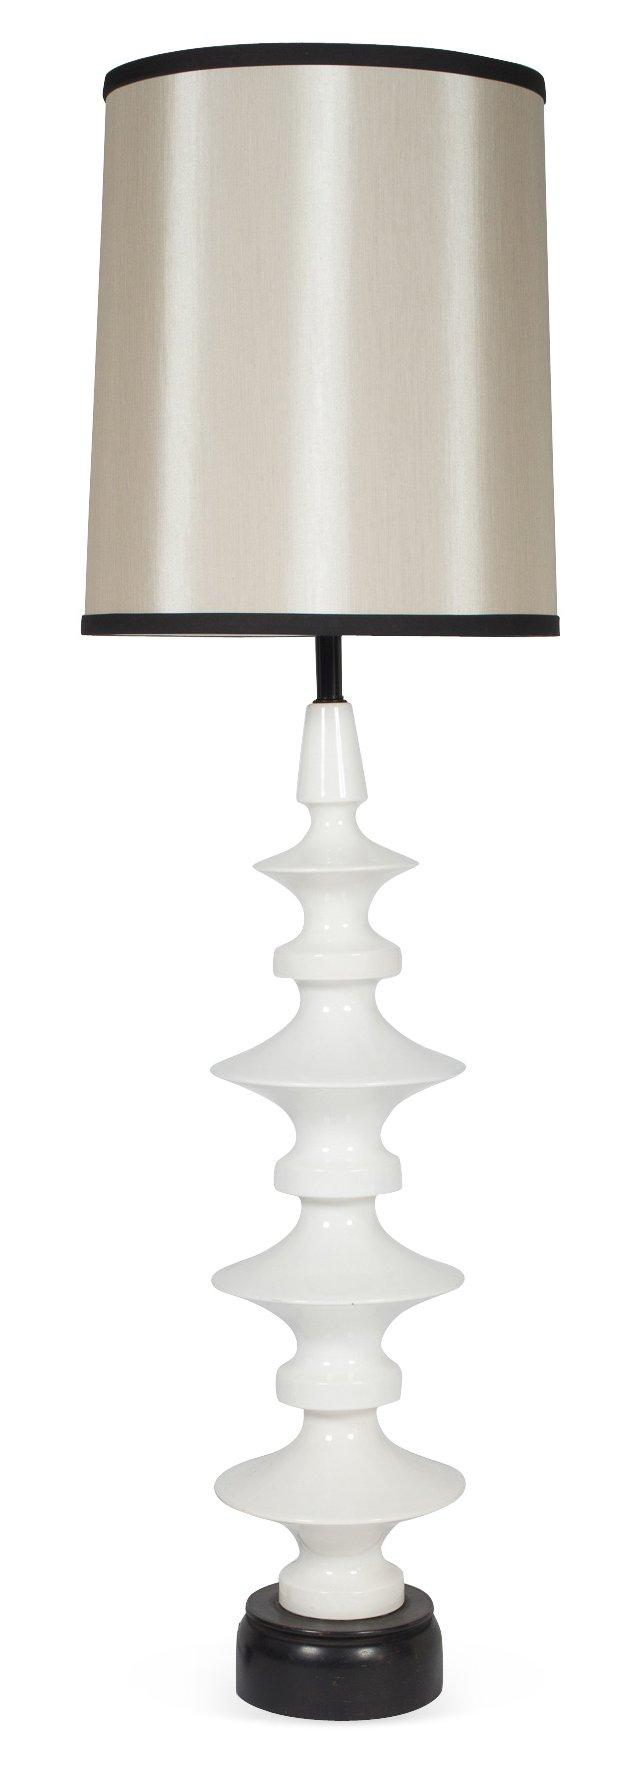 Ceramic Tall Floor Lamp, c. 1950